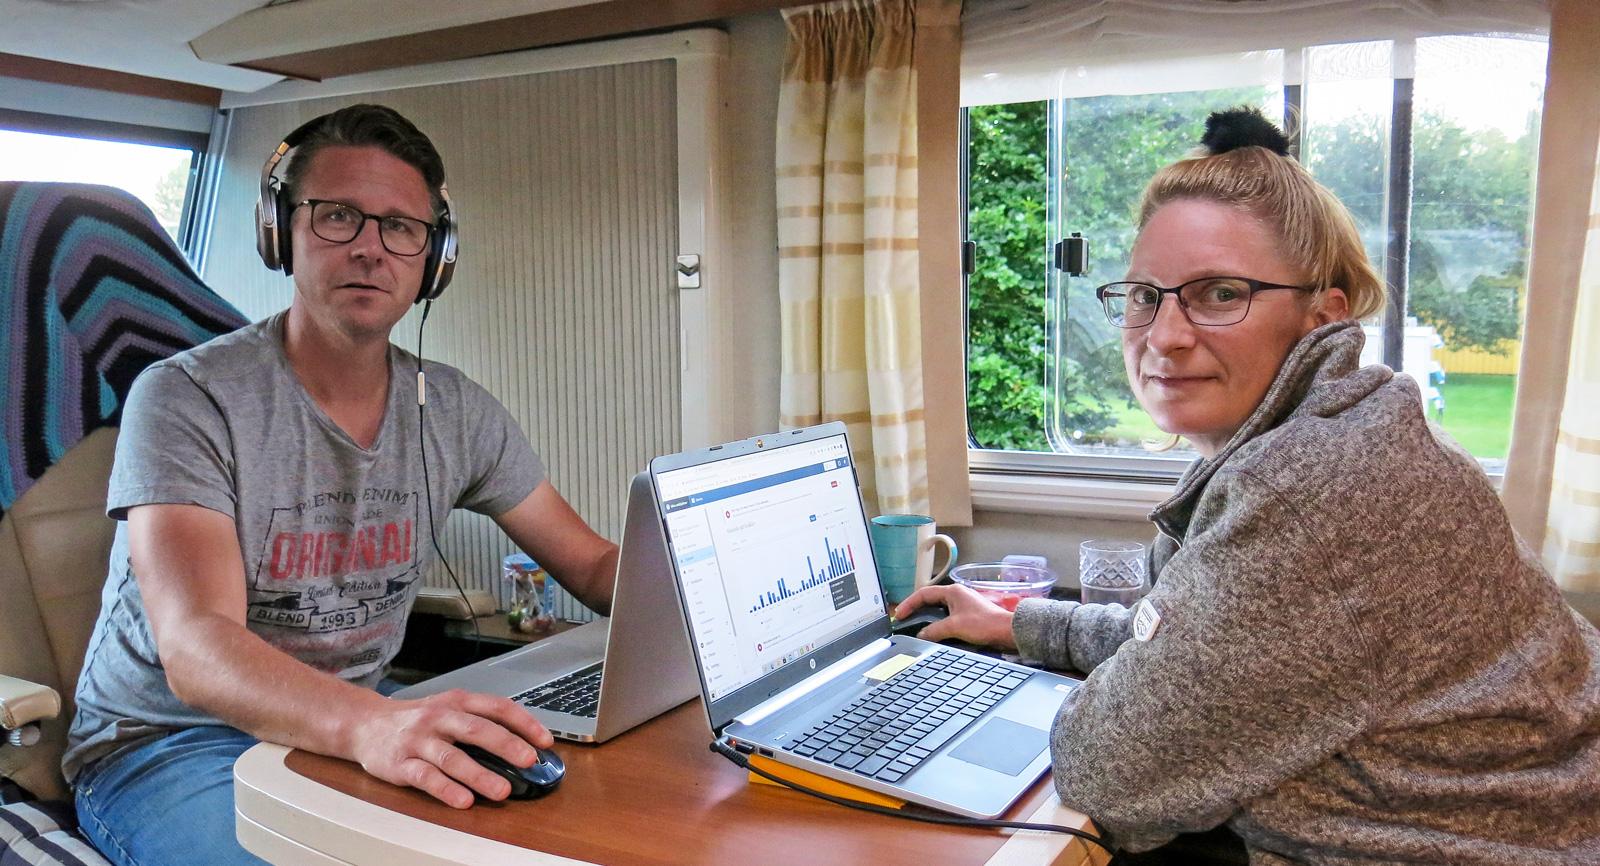 Dan kopplar gärna av genom att skapa elektronisk musik, medan Jeanette föredrar att blogga.